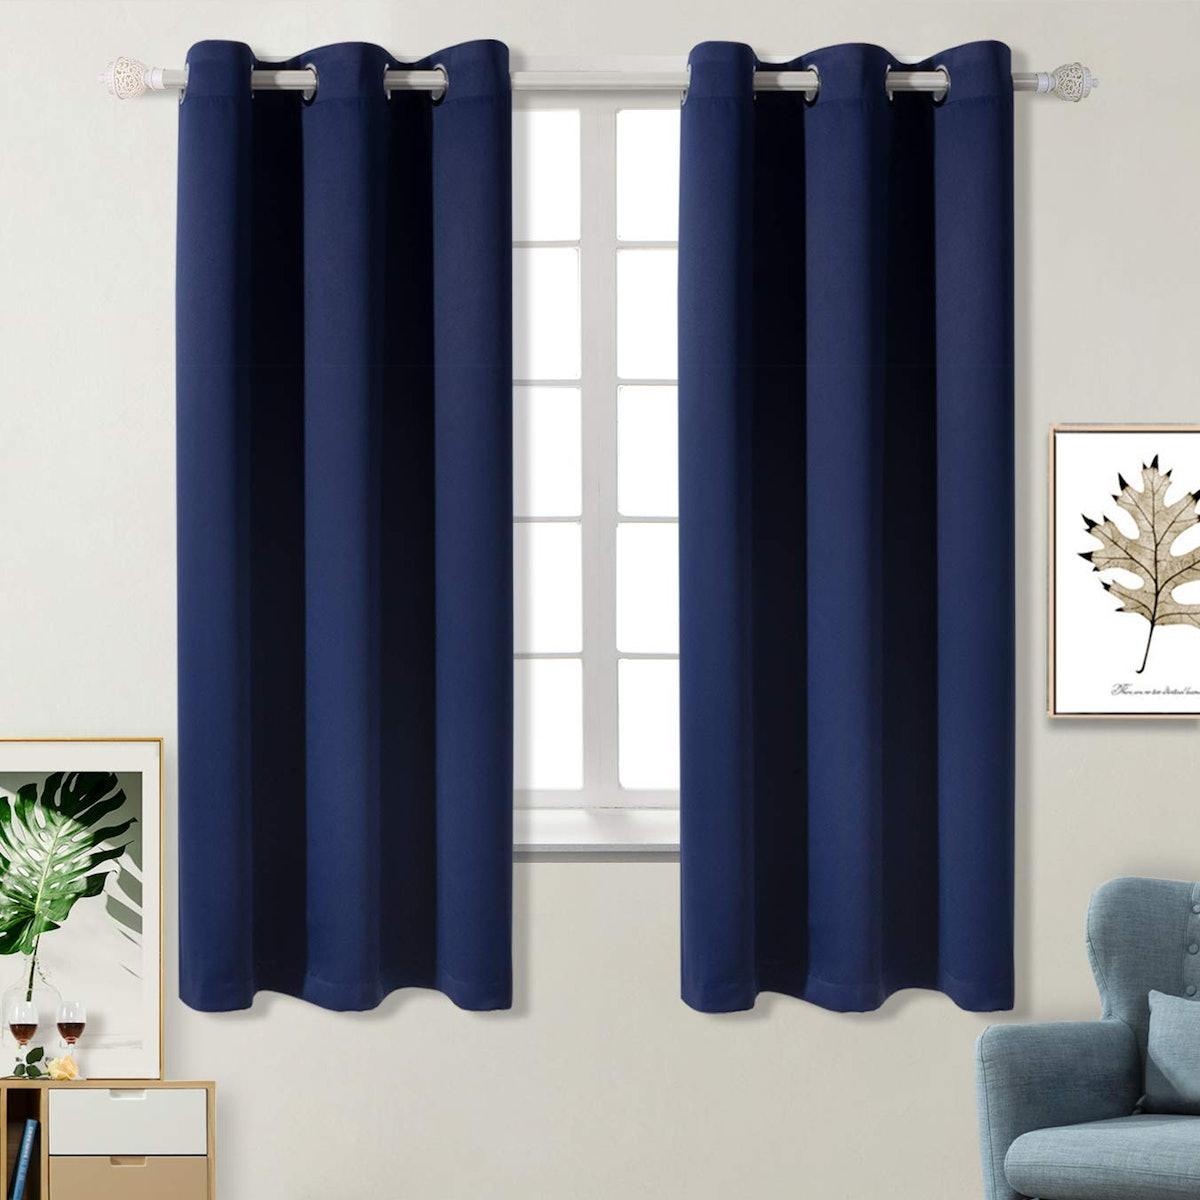 BGment Blackout Curtains